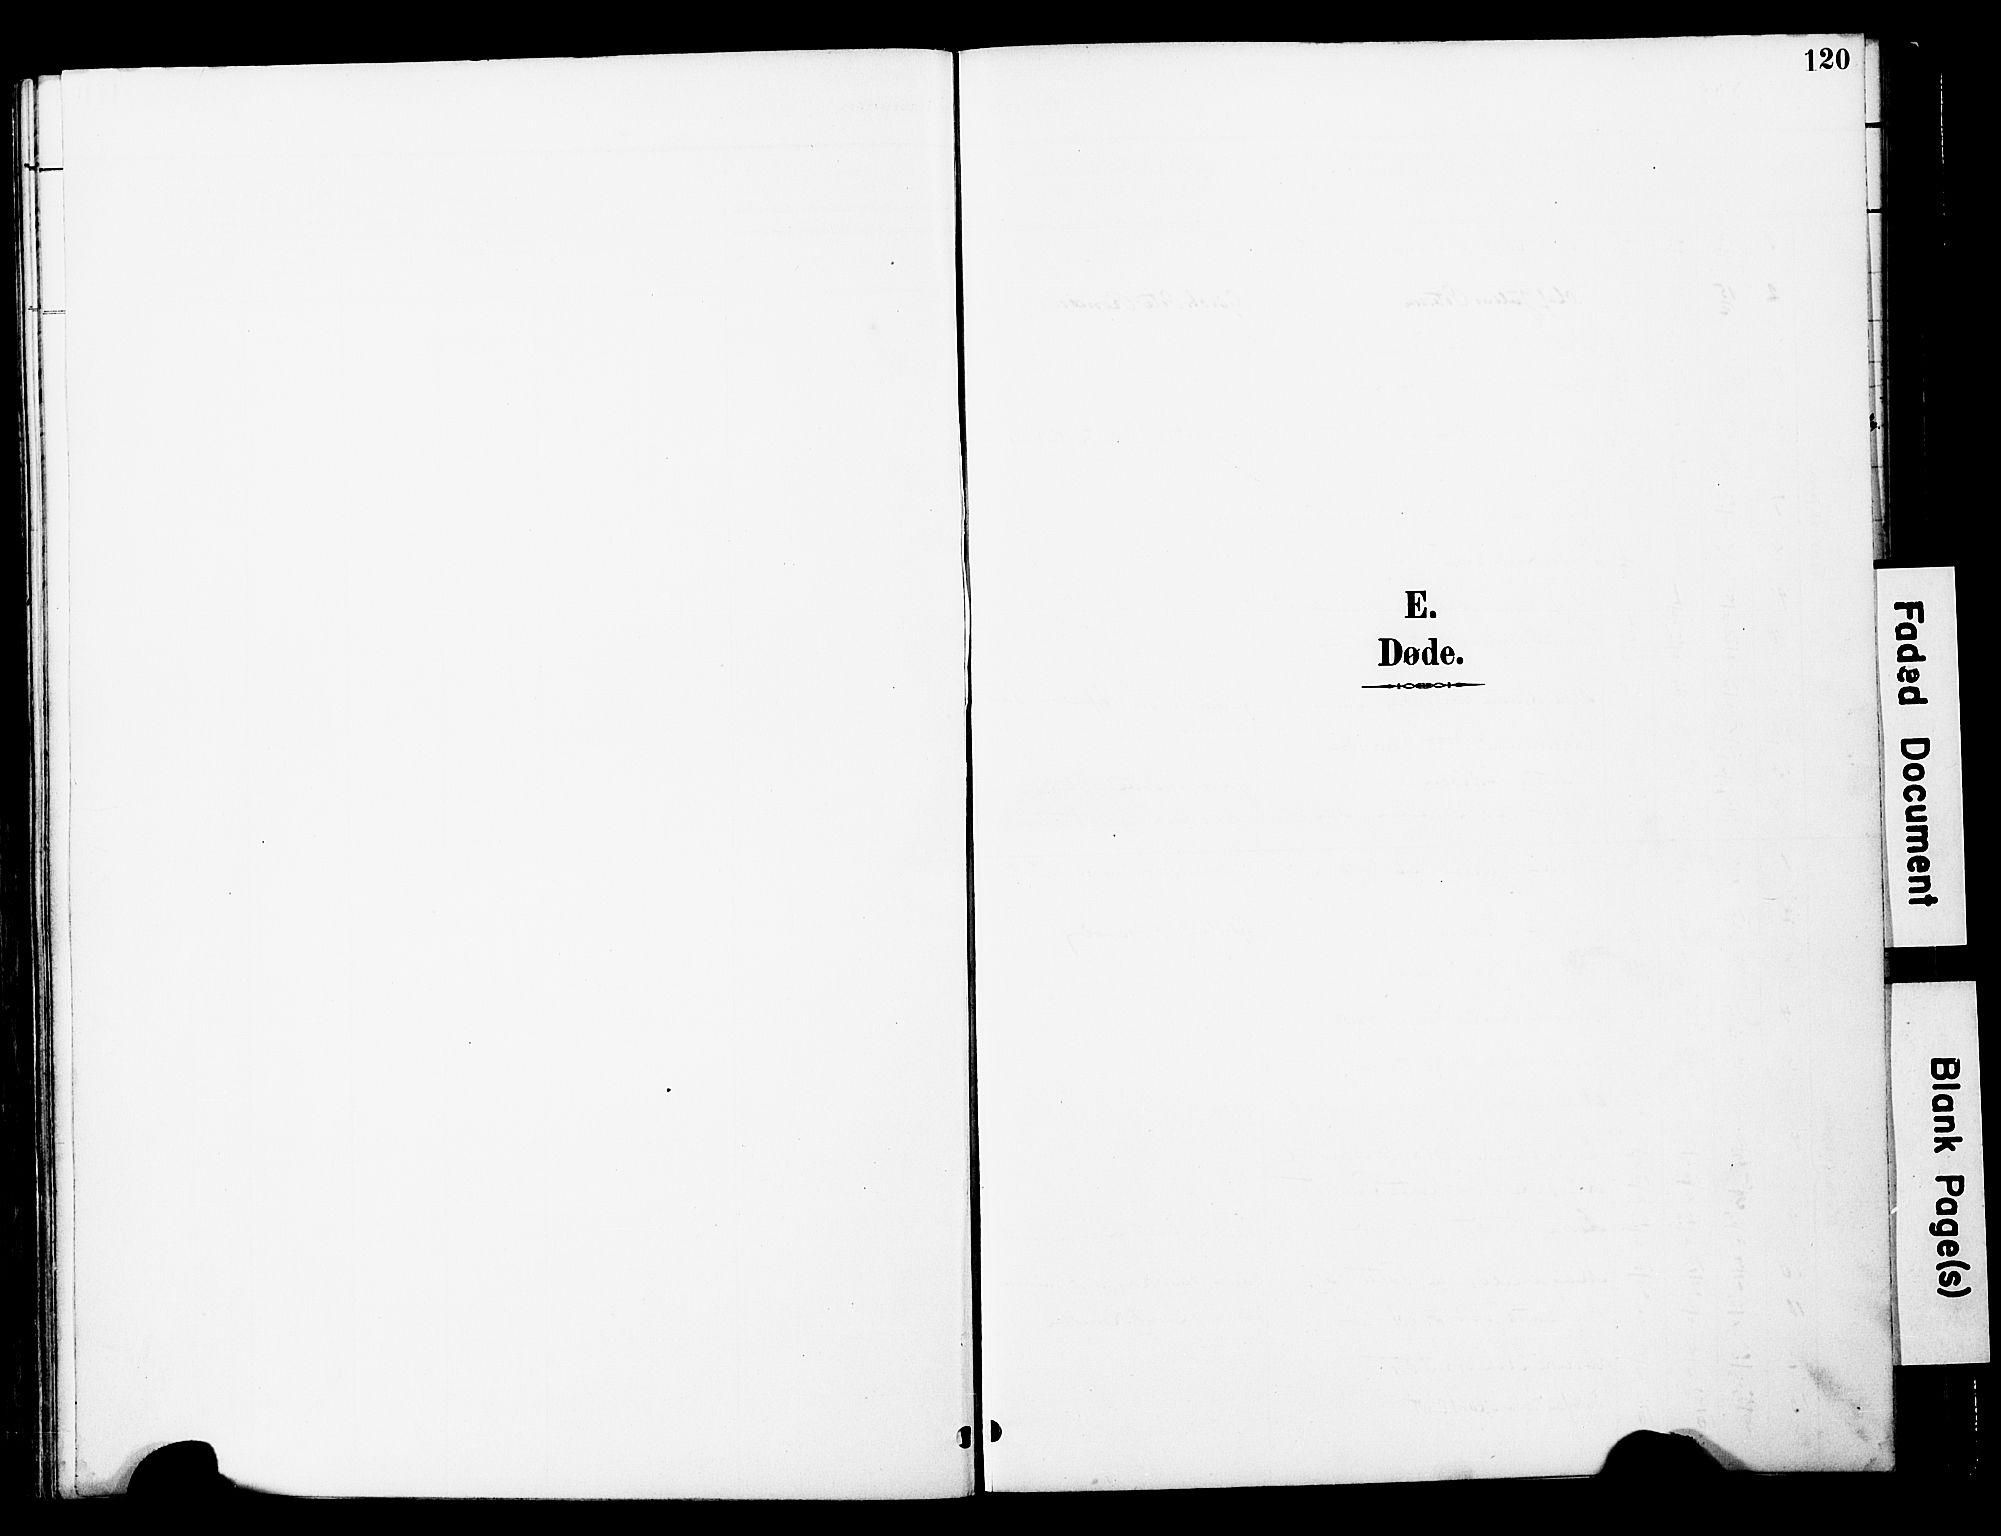 SAT, Ministerialprotokoller, klokkerbøker og fødselsregistre - Nord-Trøndelag, 741/L0396: Ministerialbok nr. 741A10, 1889-1901, s. 120